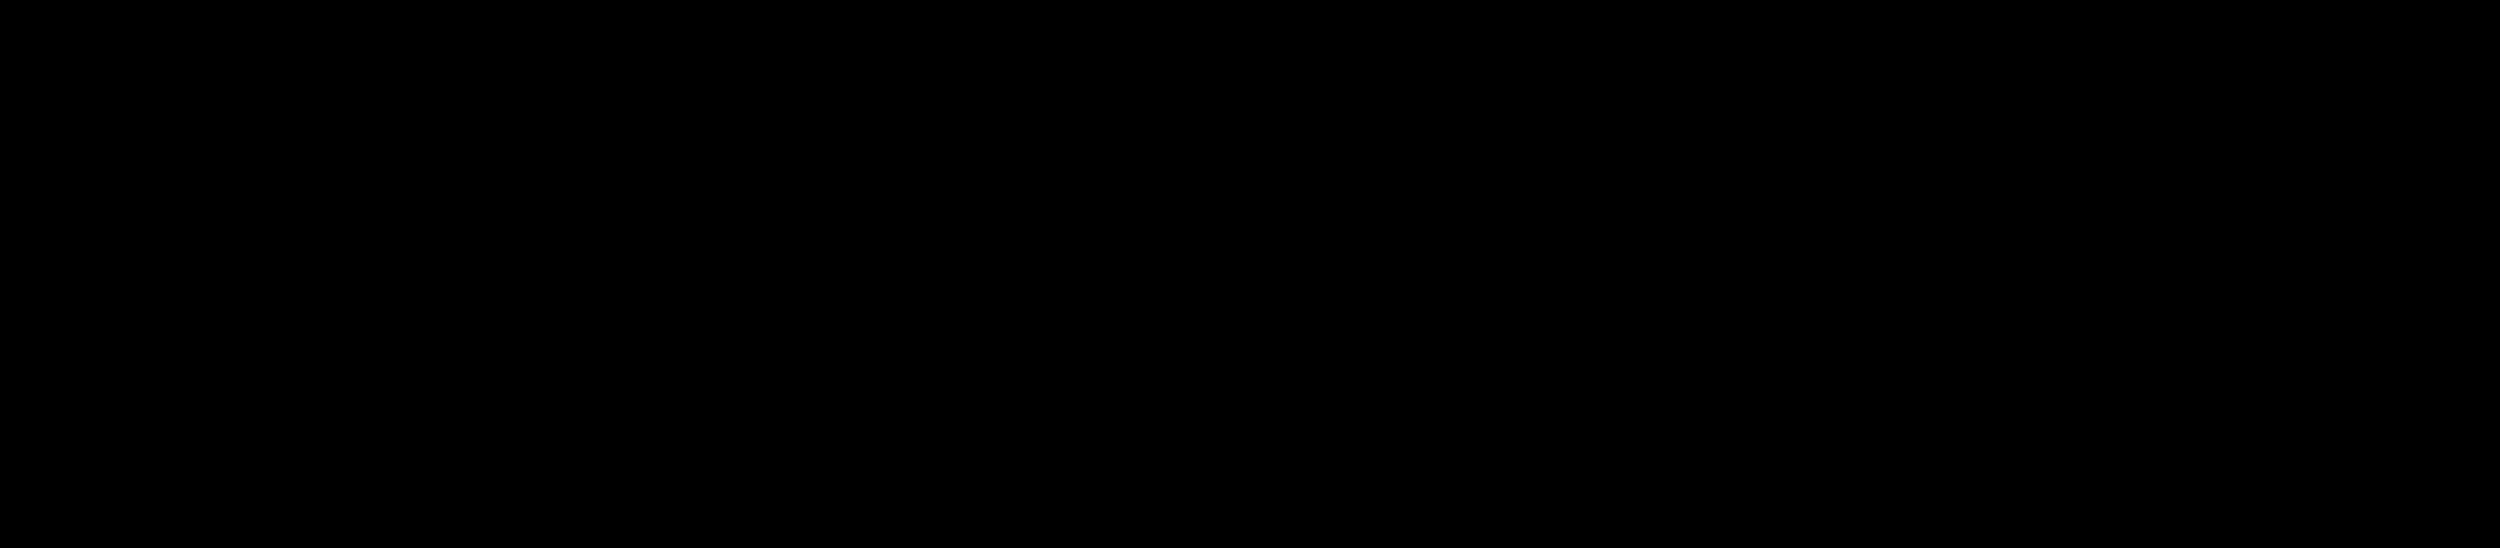 Solander Final Logo_Black.png